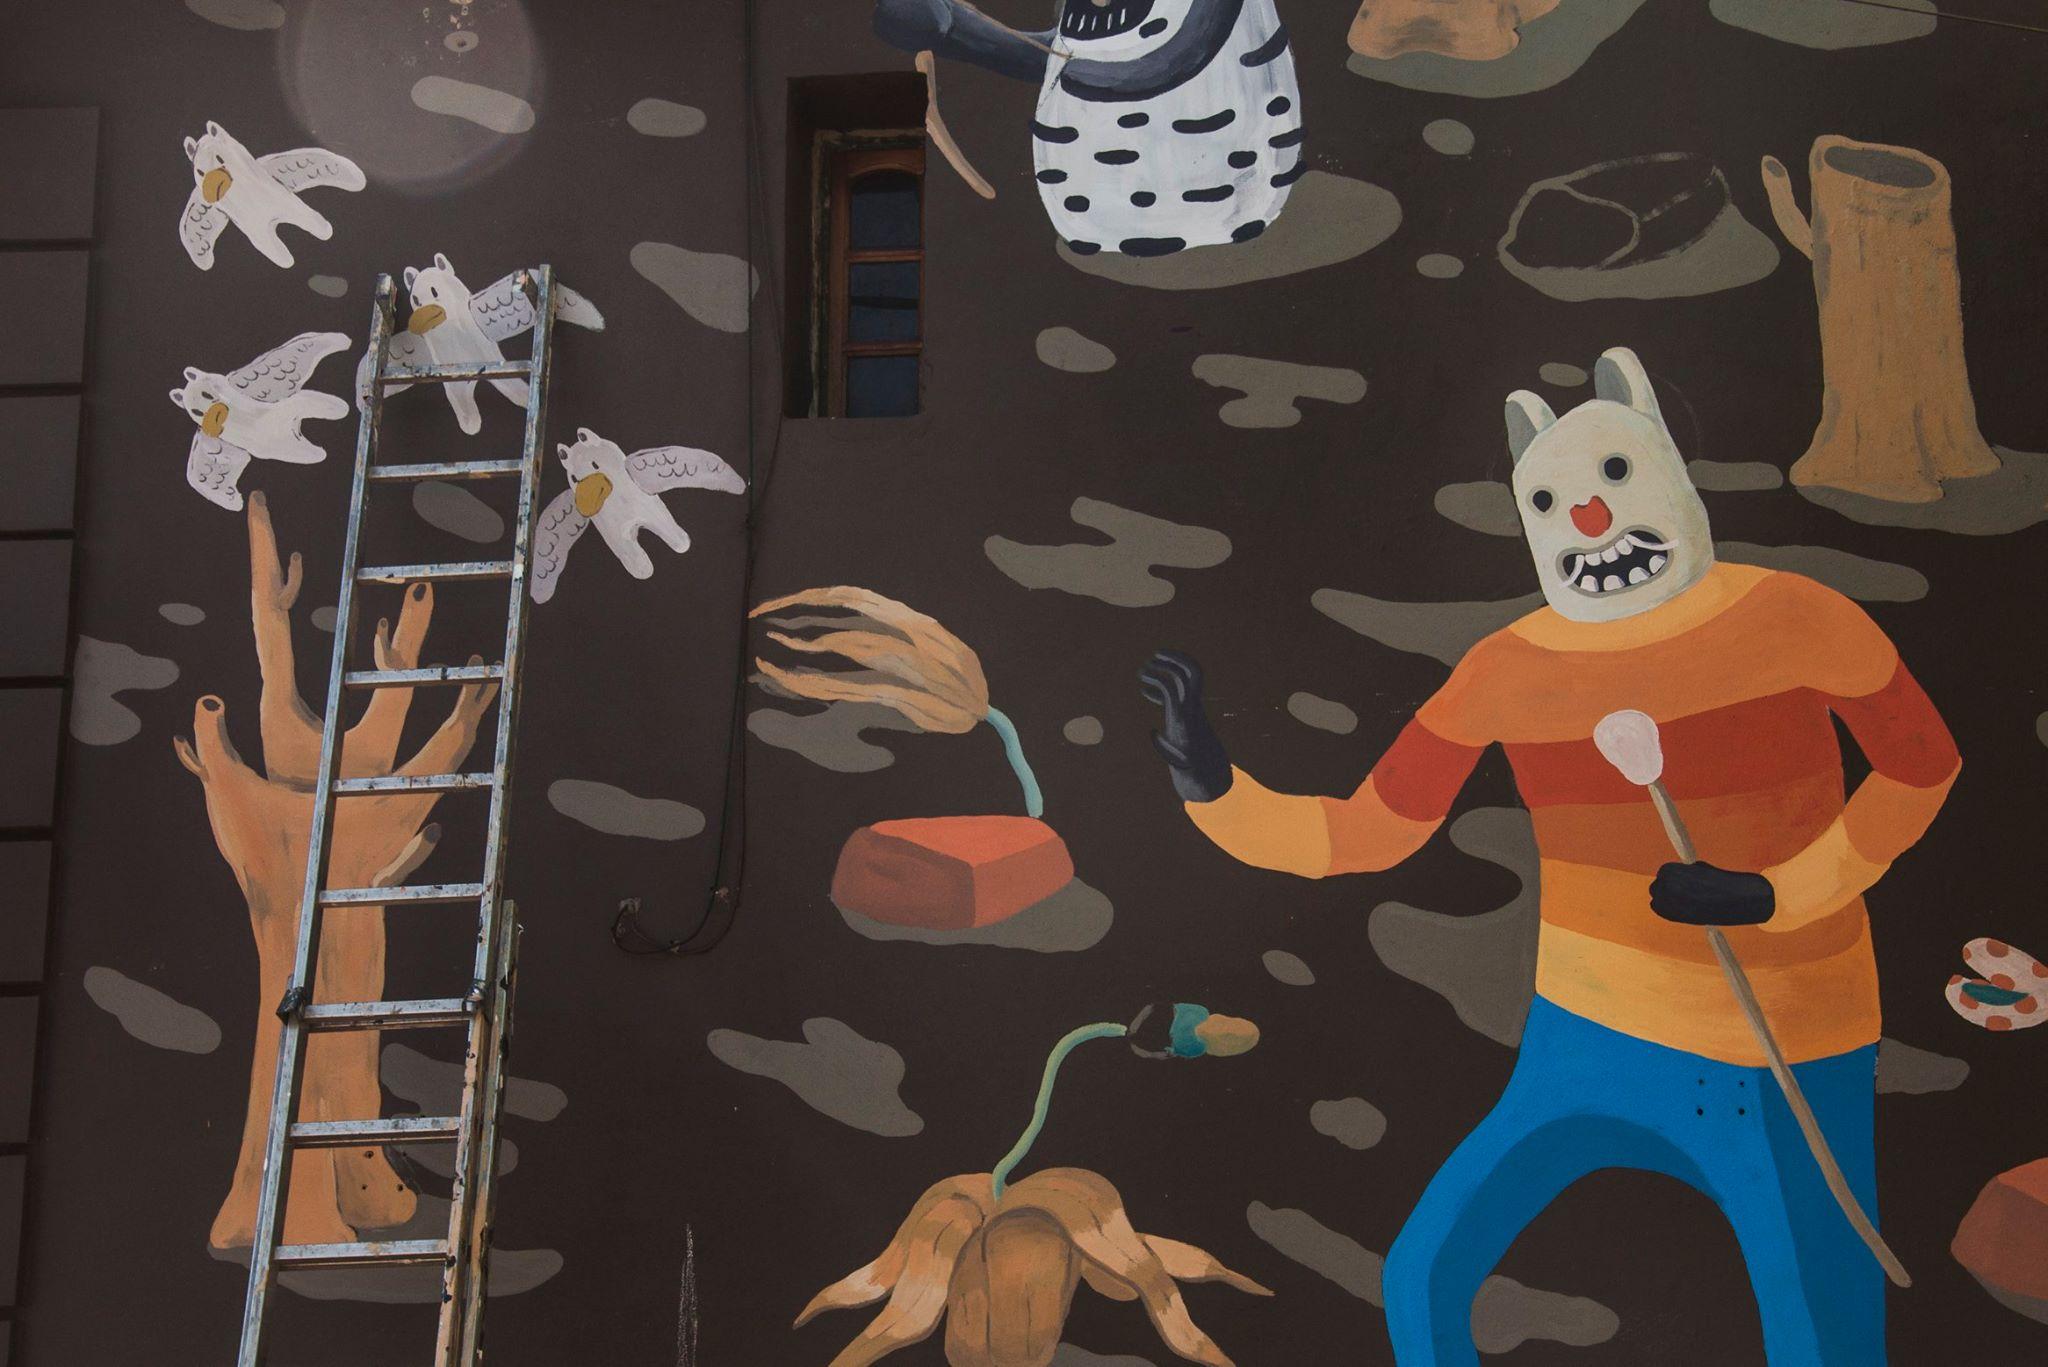 martin-ferreyra-new-mural-for-oficio-residence-05